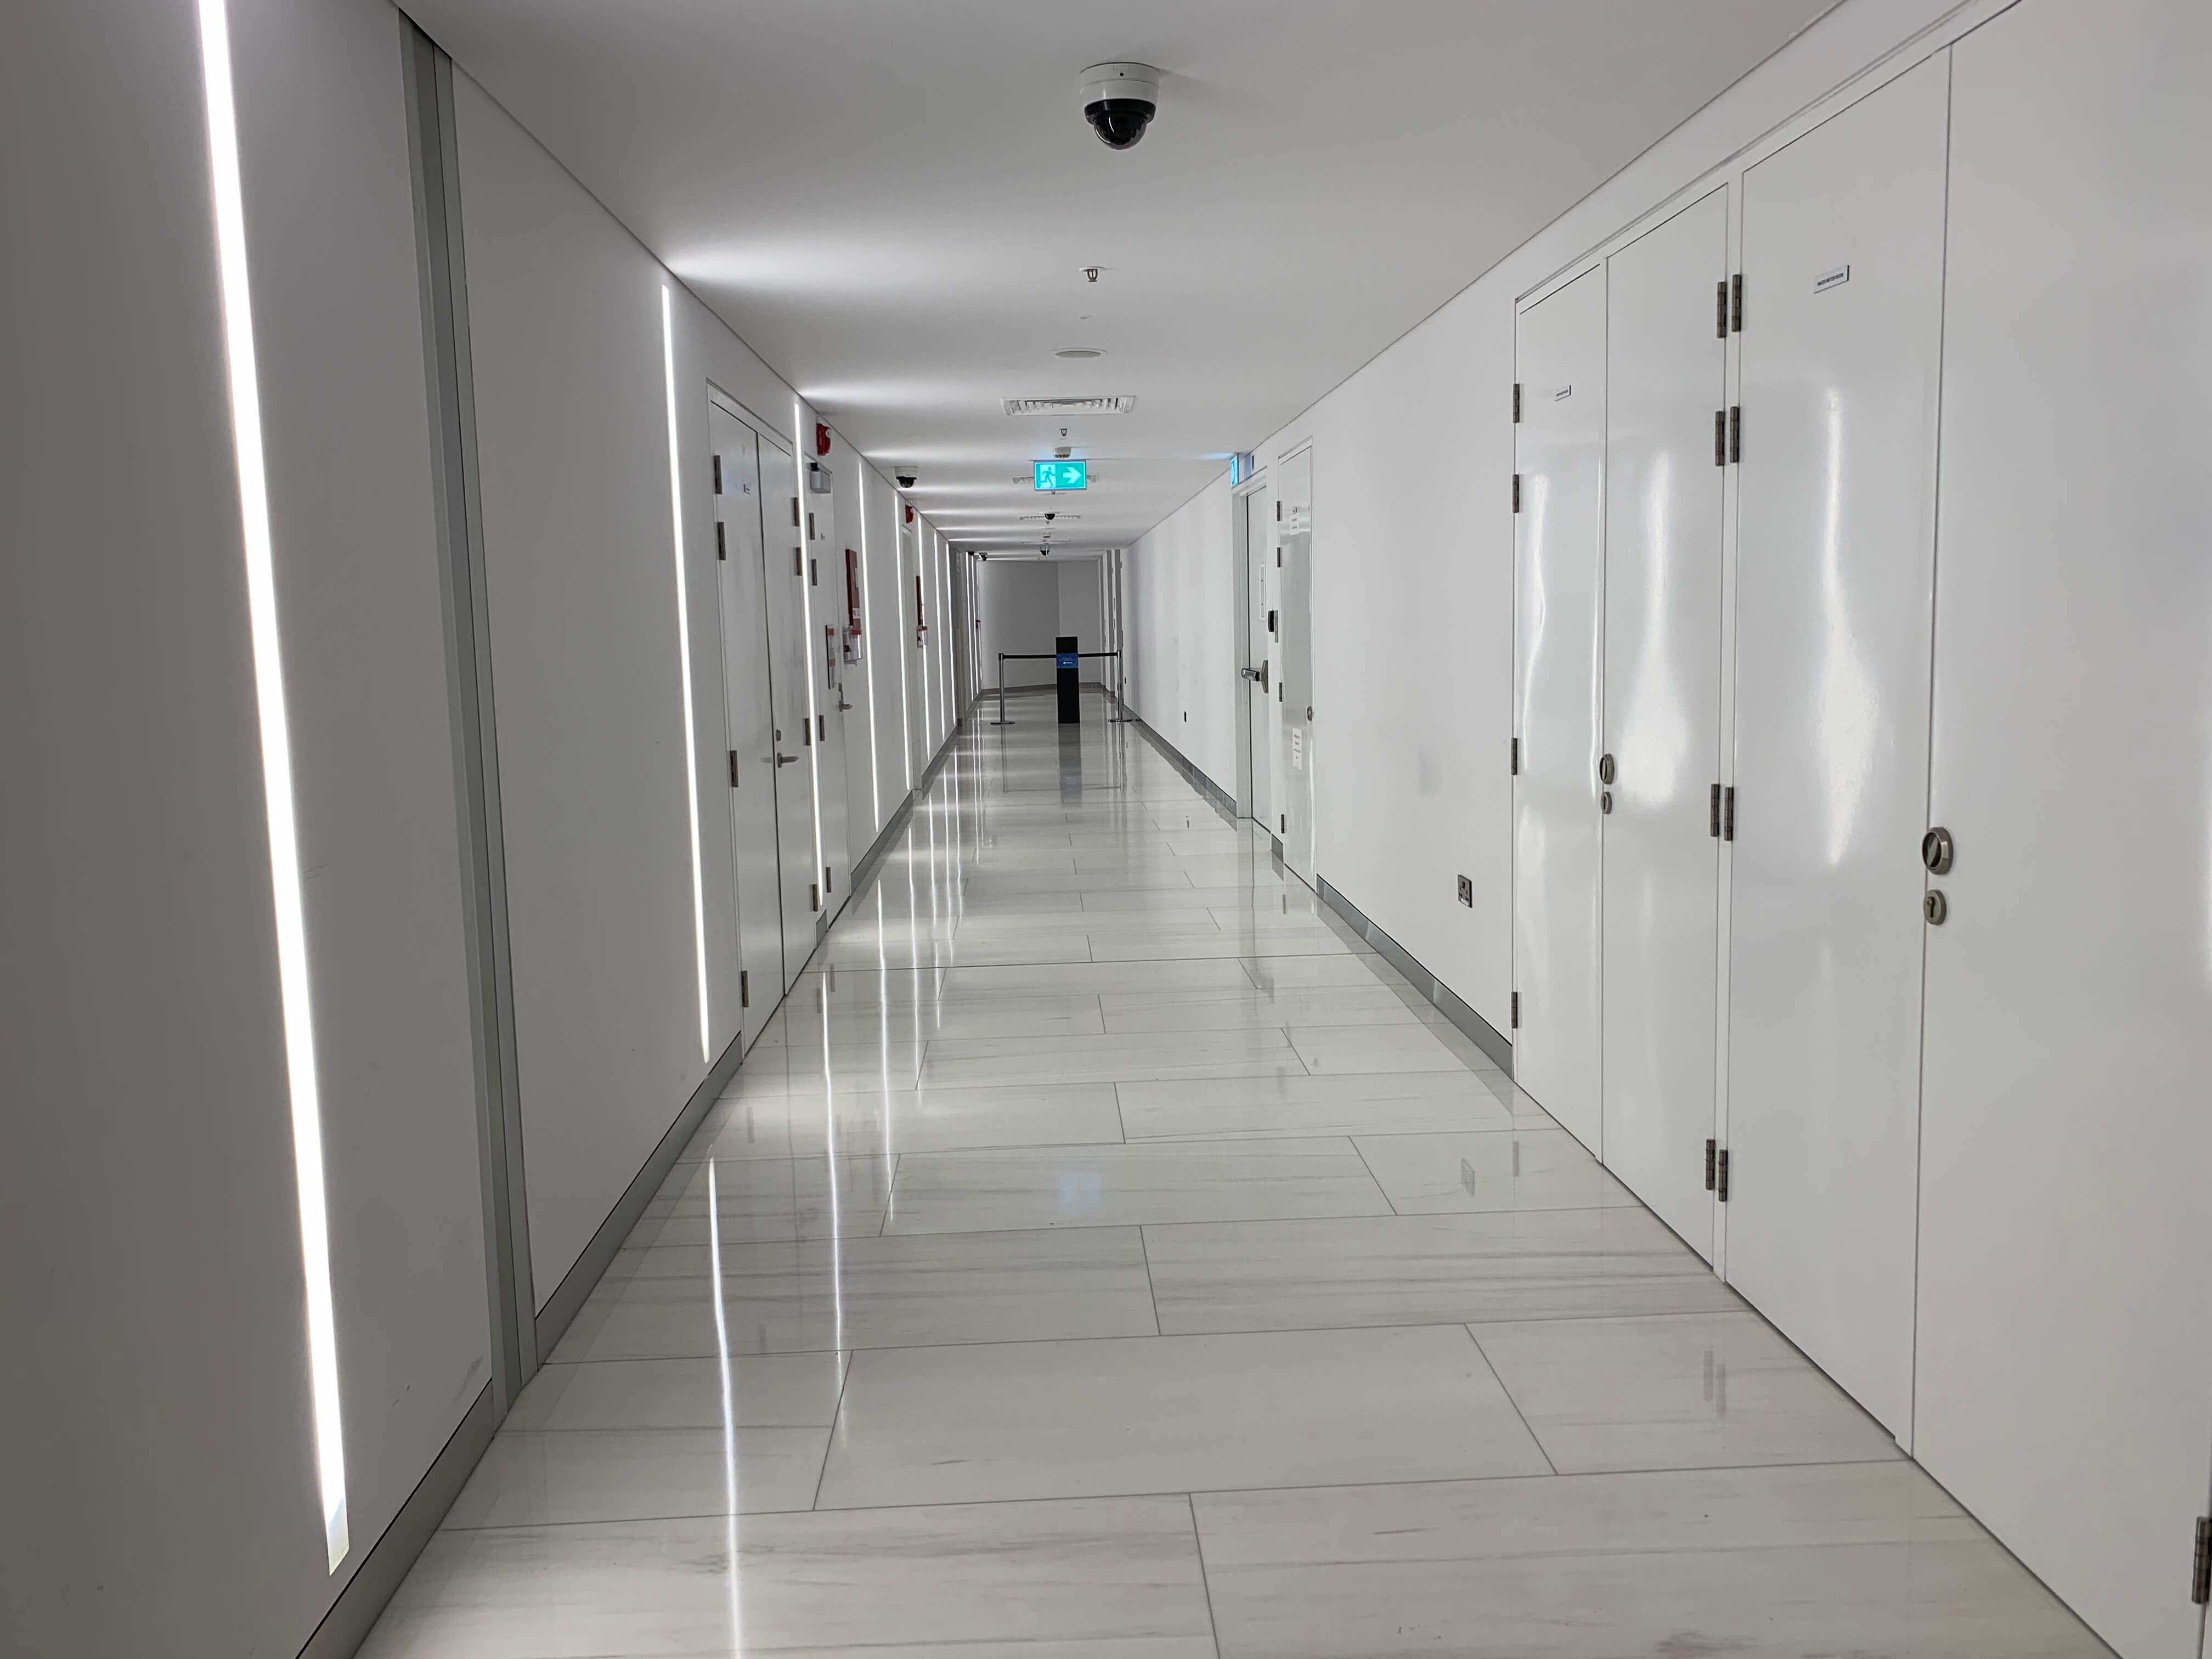 porte per ospedale Rei 120